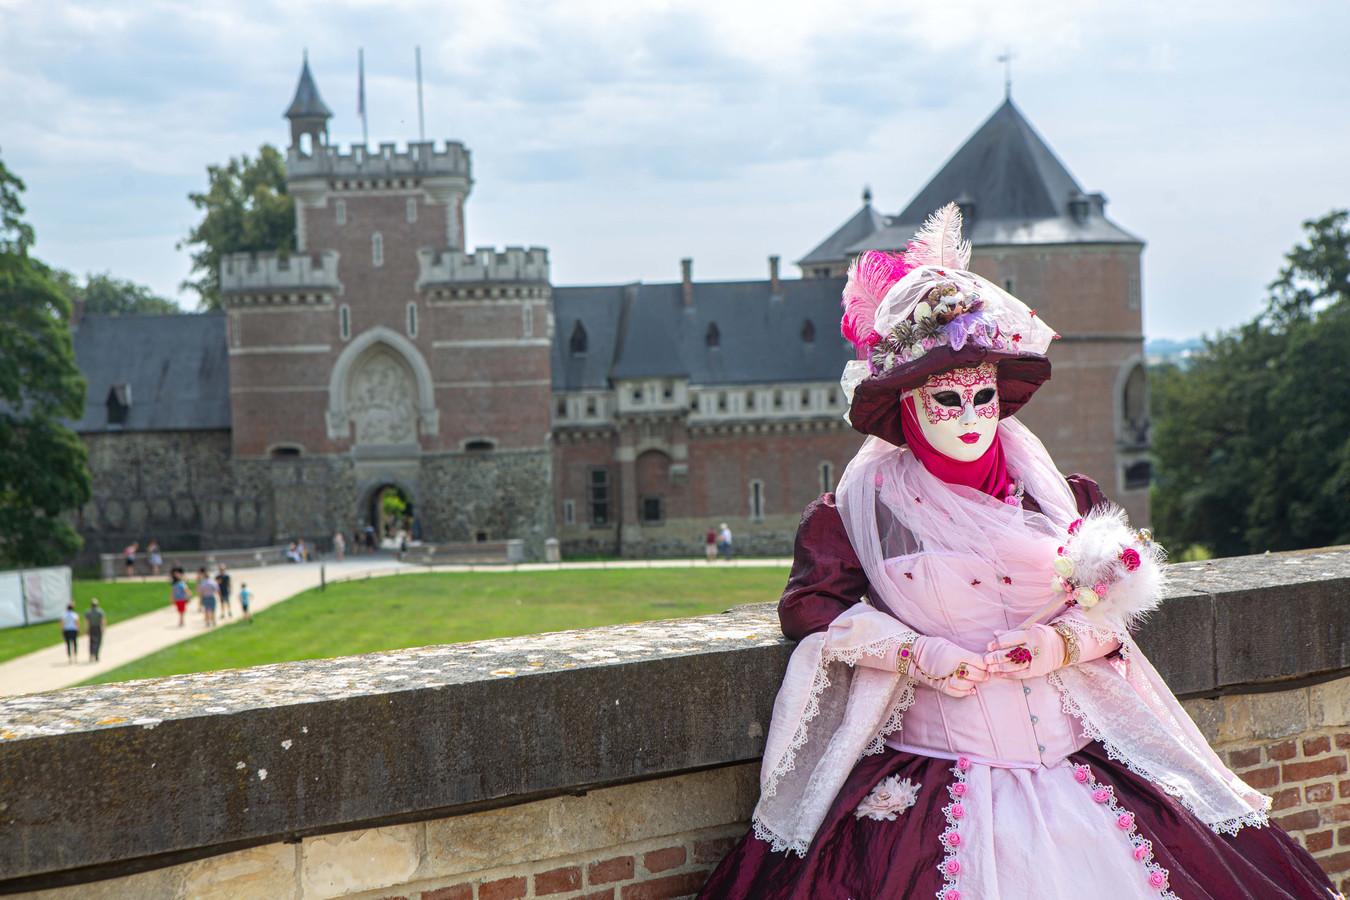 Afgelopen zomer gingen leden van Regards Vénitiens met hun Venetiaanse kostuums nog gretig op de foto voor de vele bezoekers in de museumtuin van het Kasteel van Gaasbeek.